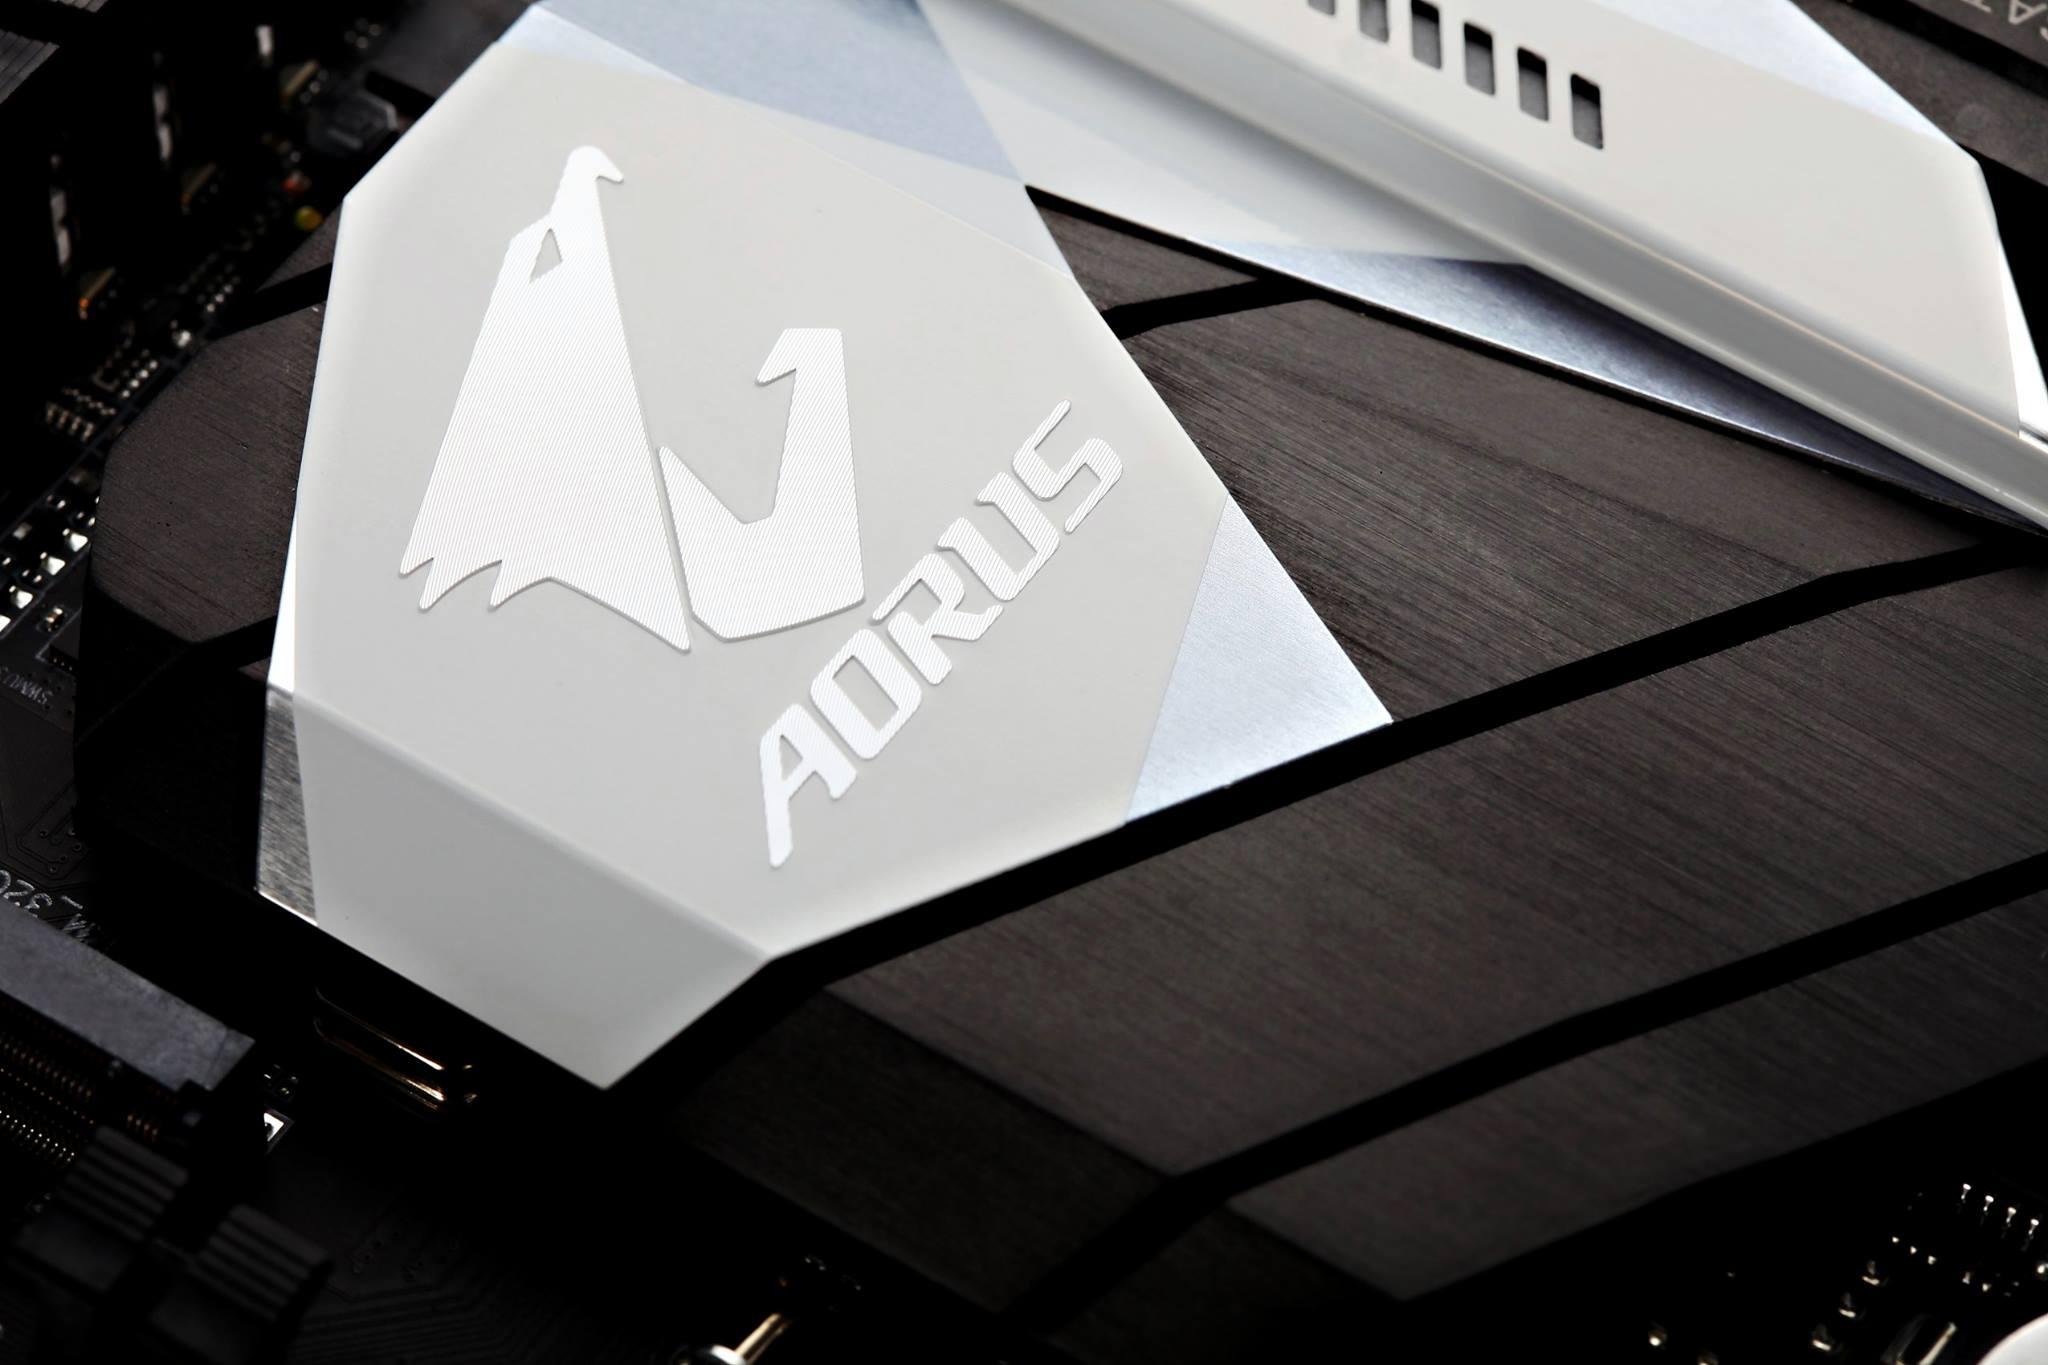 Gigabyte officialise son Lineup AM4 avec 10 références